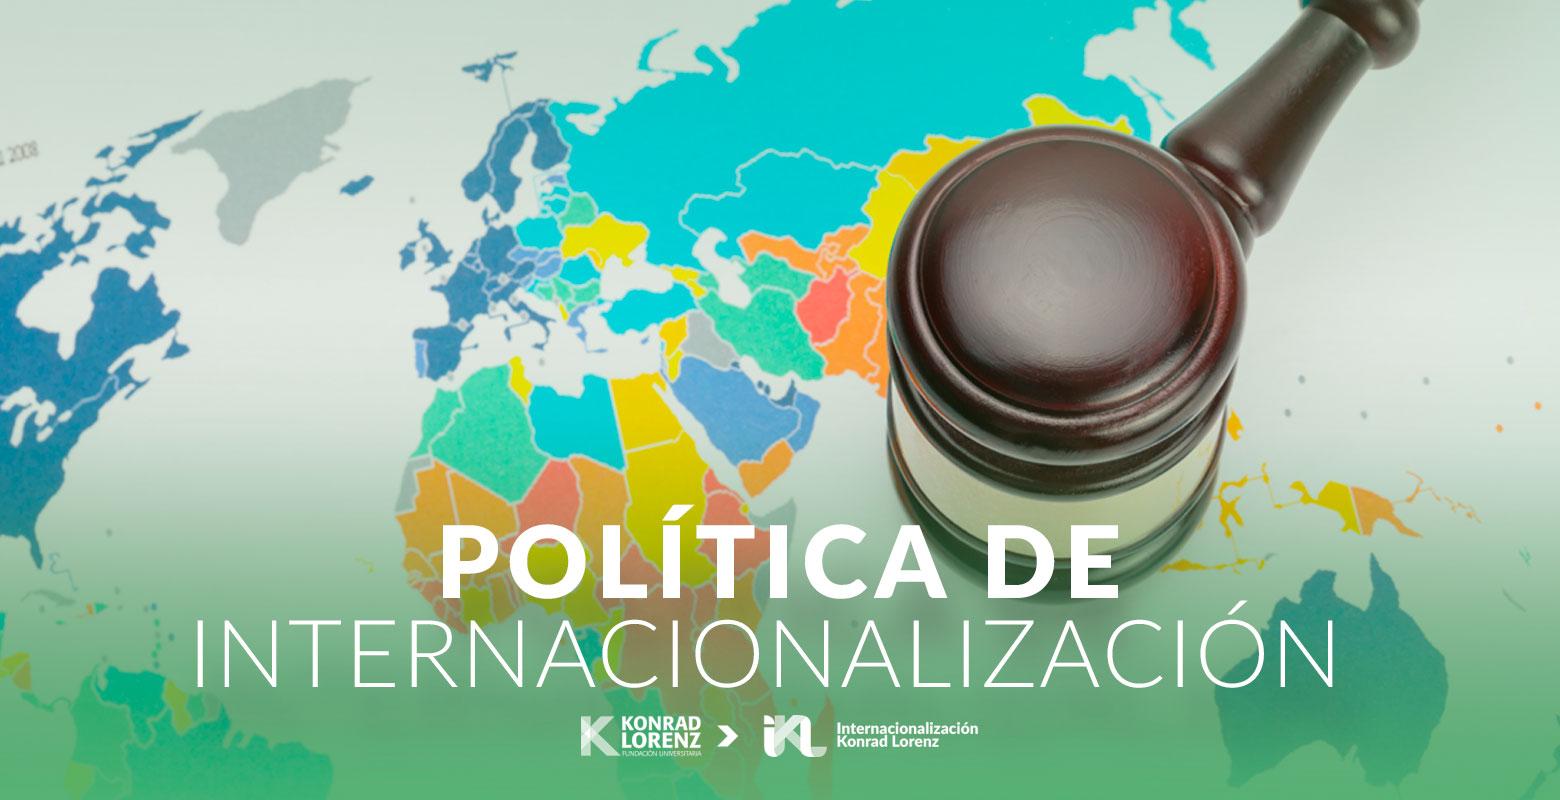 Política de Internacionalización de la Fundación Universitaria Konrad Lorenz